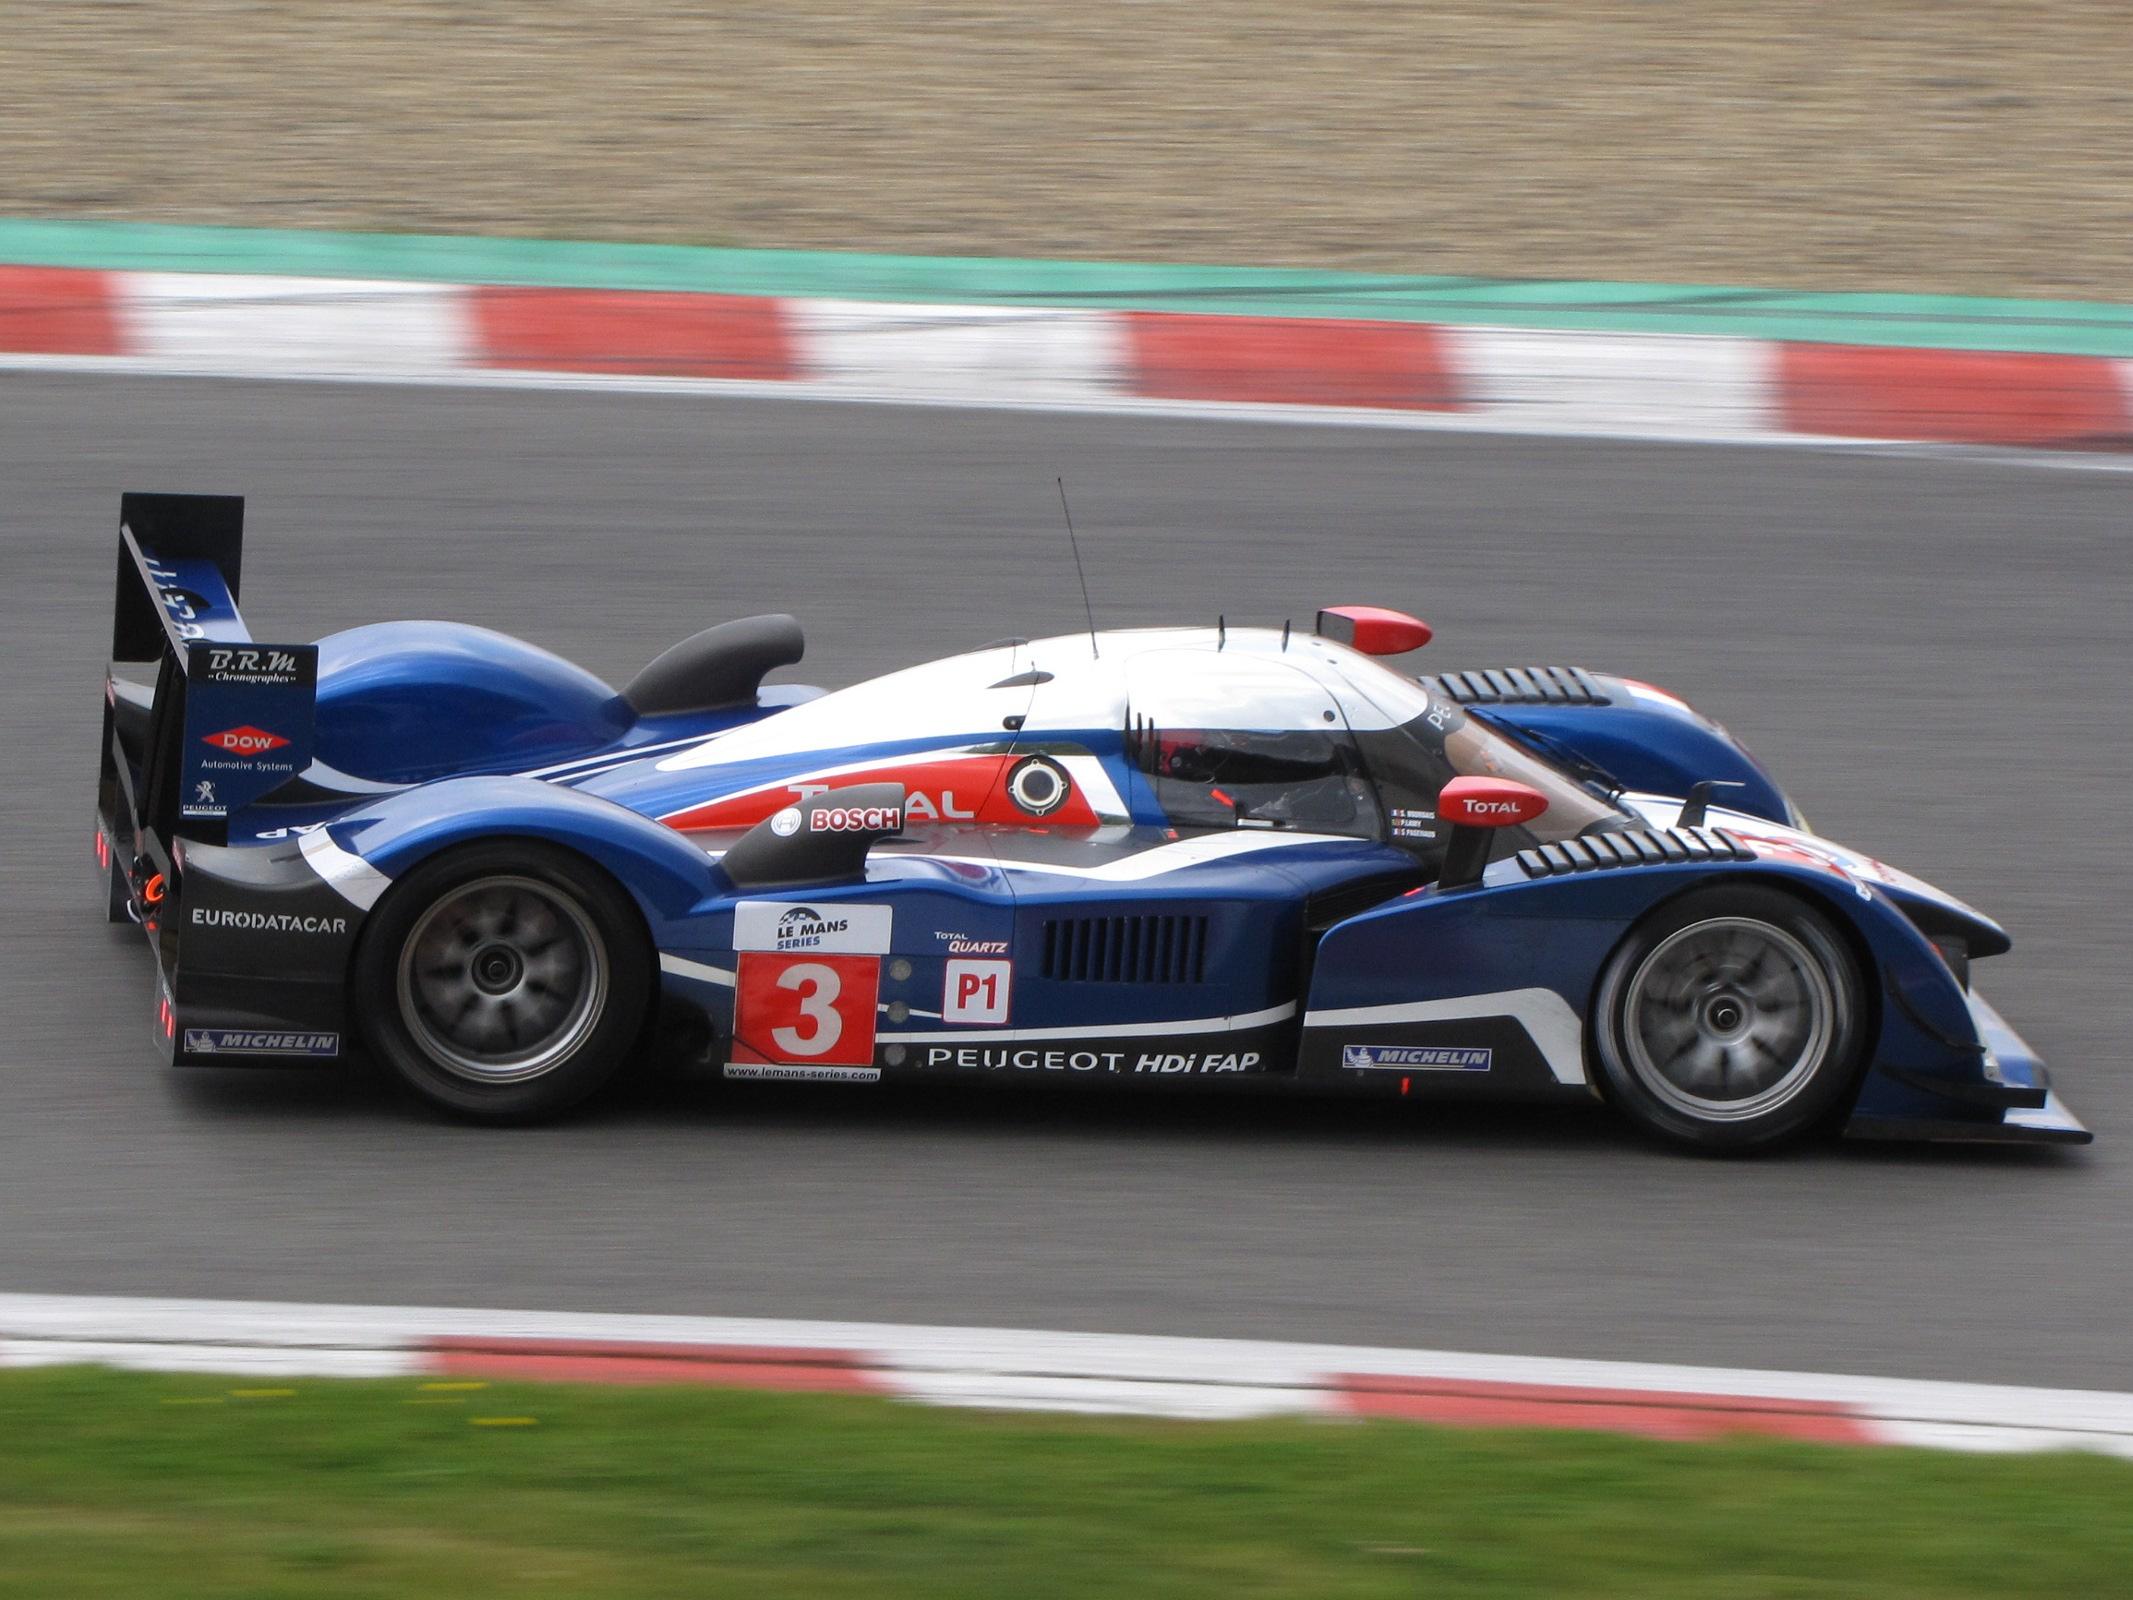 Peugeot_908_Nr3_Spa_2010.JPG